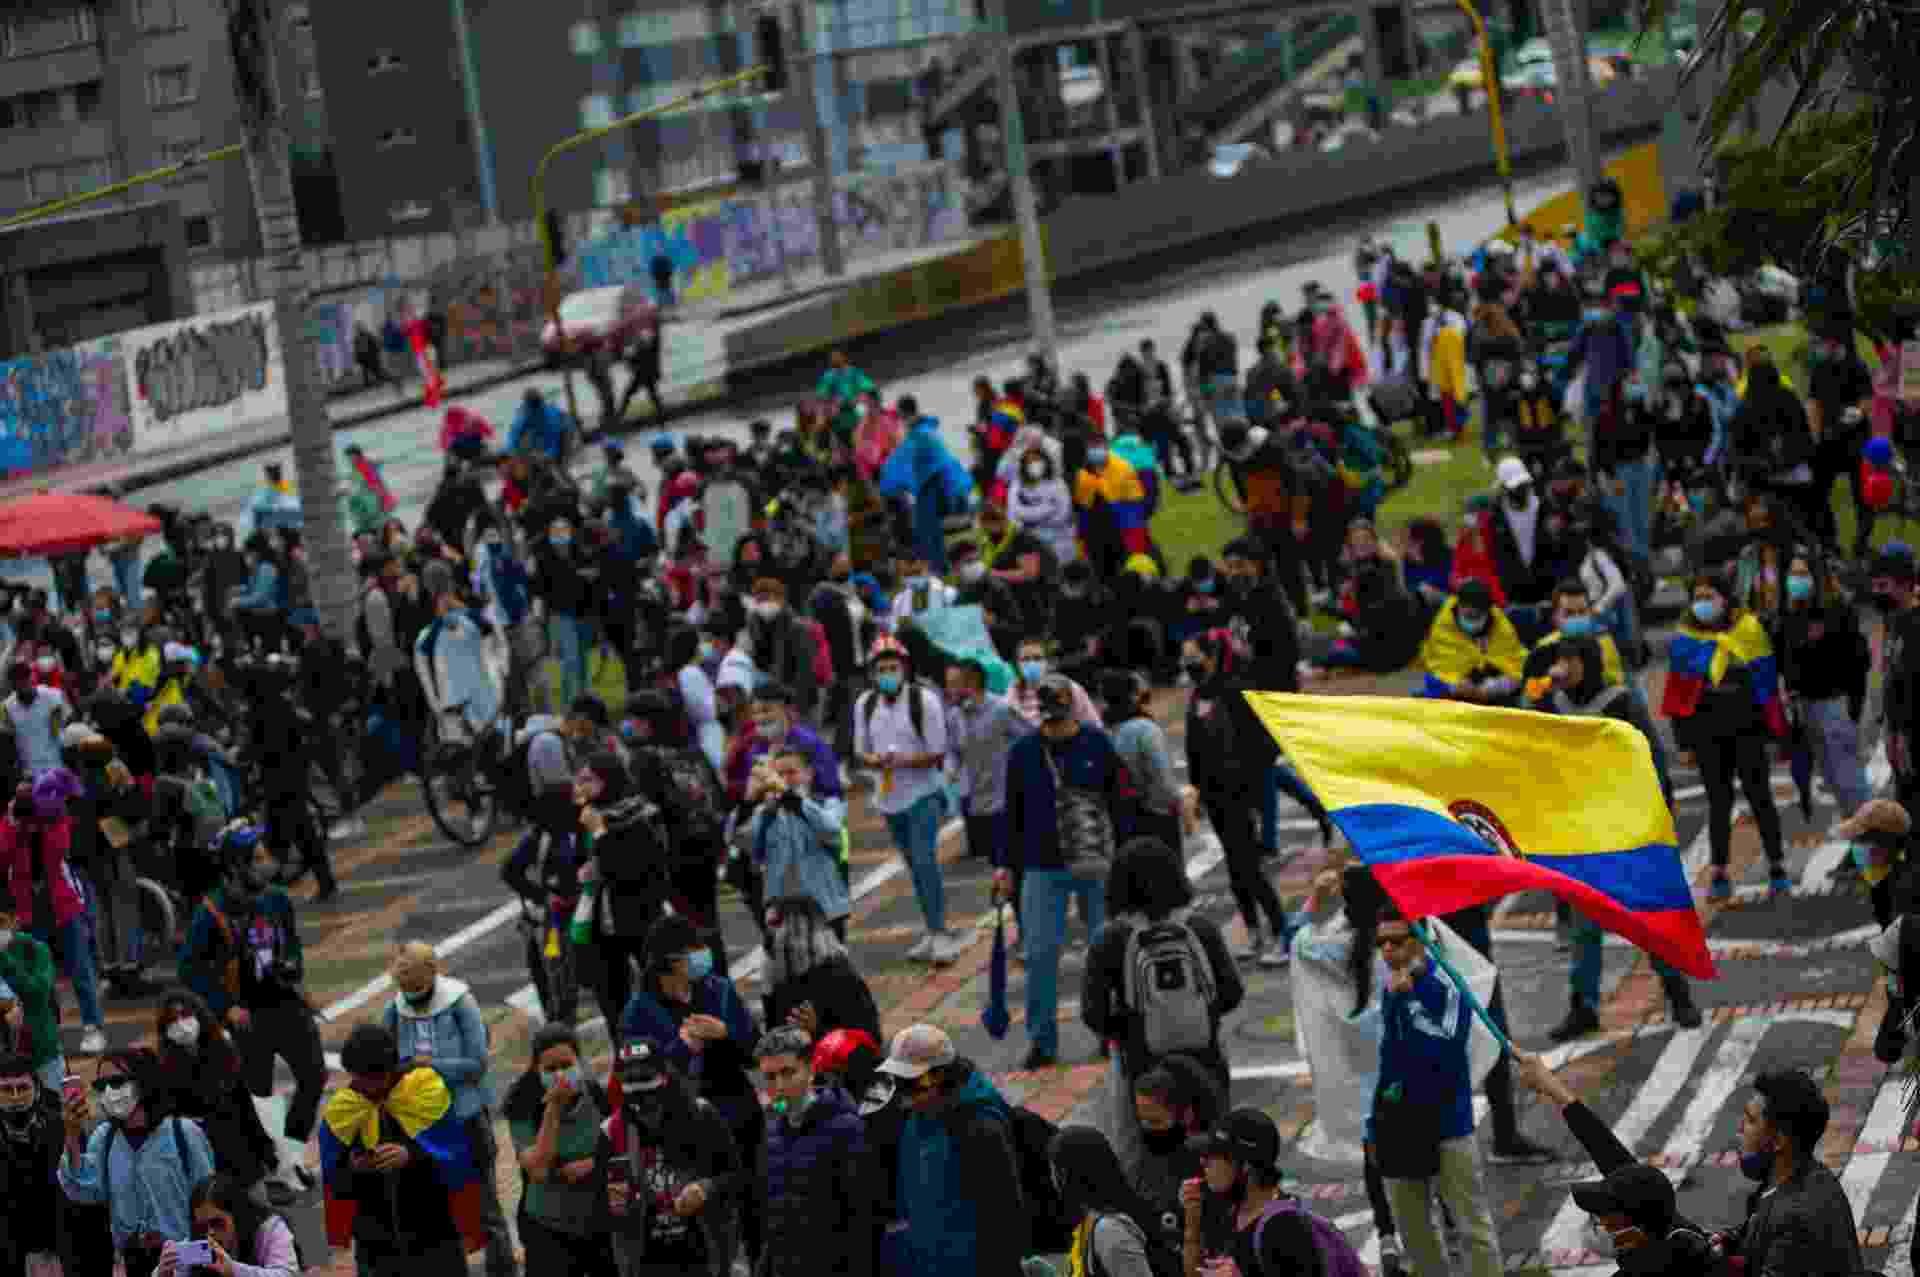 3 mai. 2021 - Em Bogotá, na Colômbia, manifestantes caminham em protesto contra a reforma tributária e o governo de Iván Duque - Sebastian Barros/NurPhoto via Getty Images